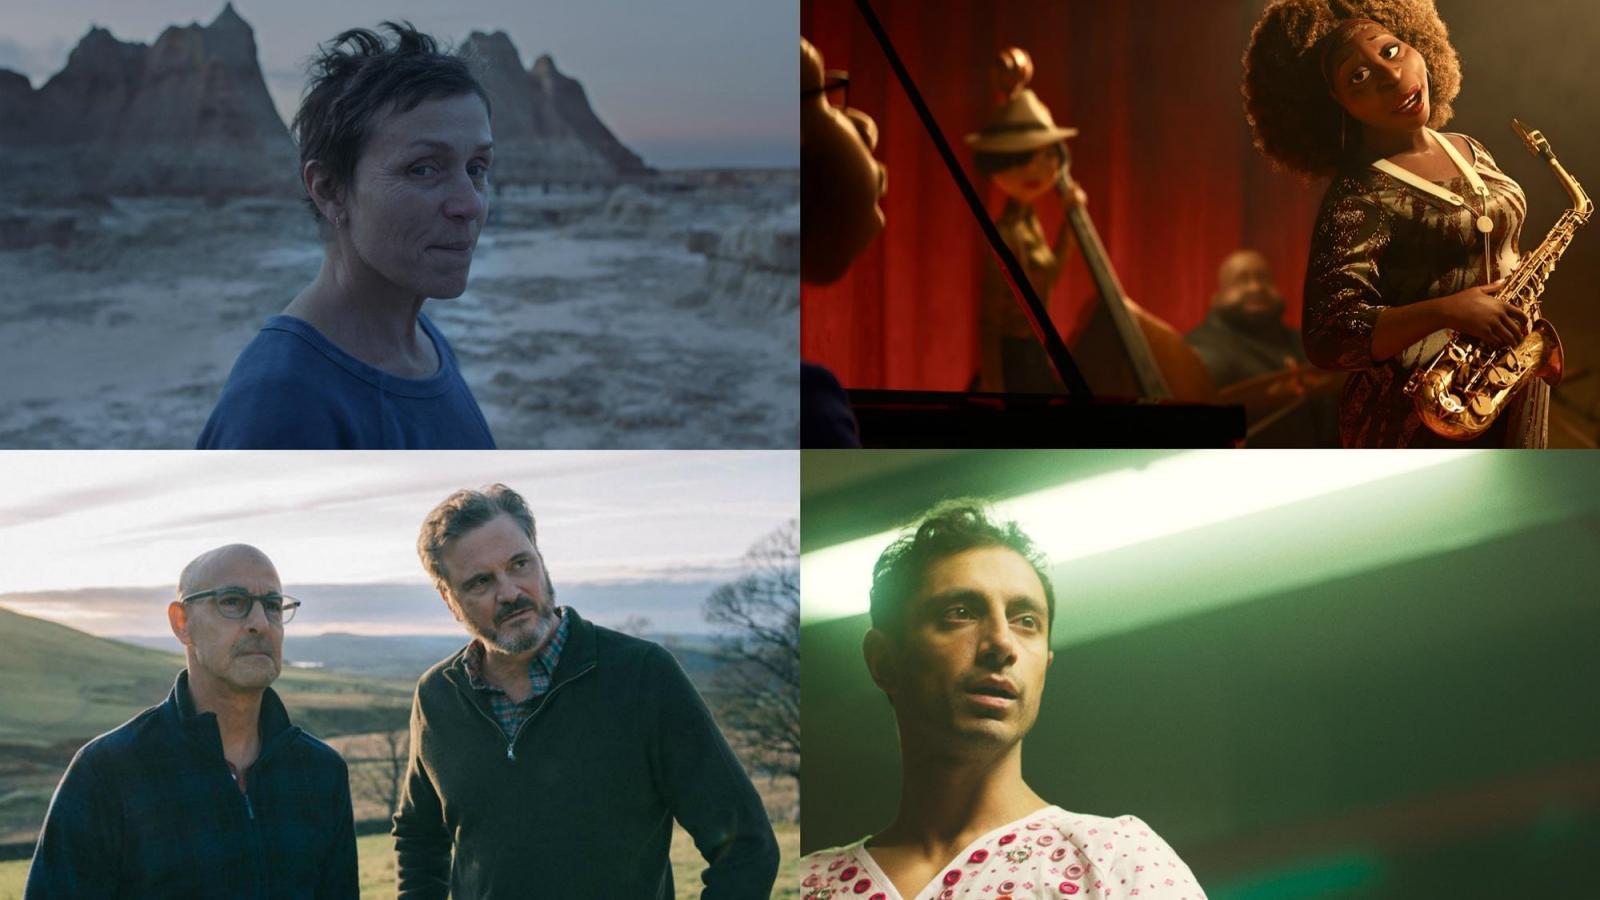 Liên hoan phim Londonmở ra hi vọng cho điện ảnh giữa mùa dịch Covid-19